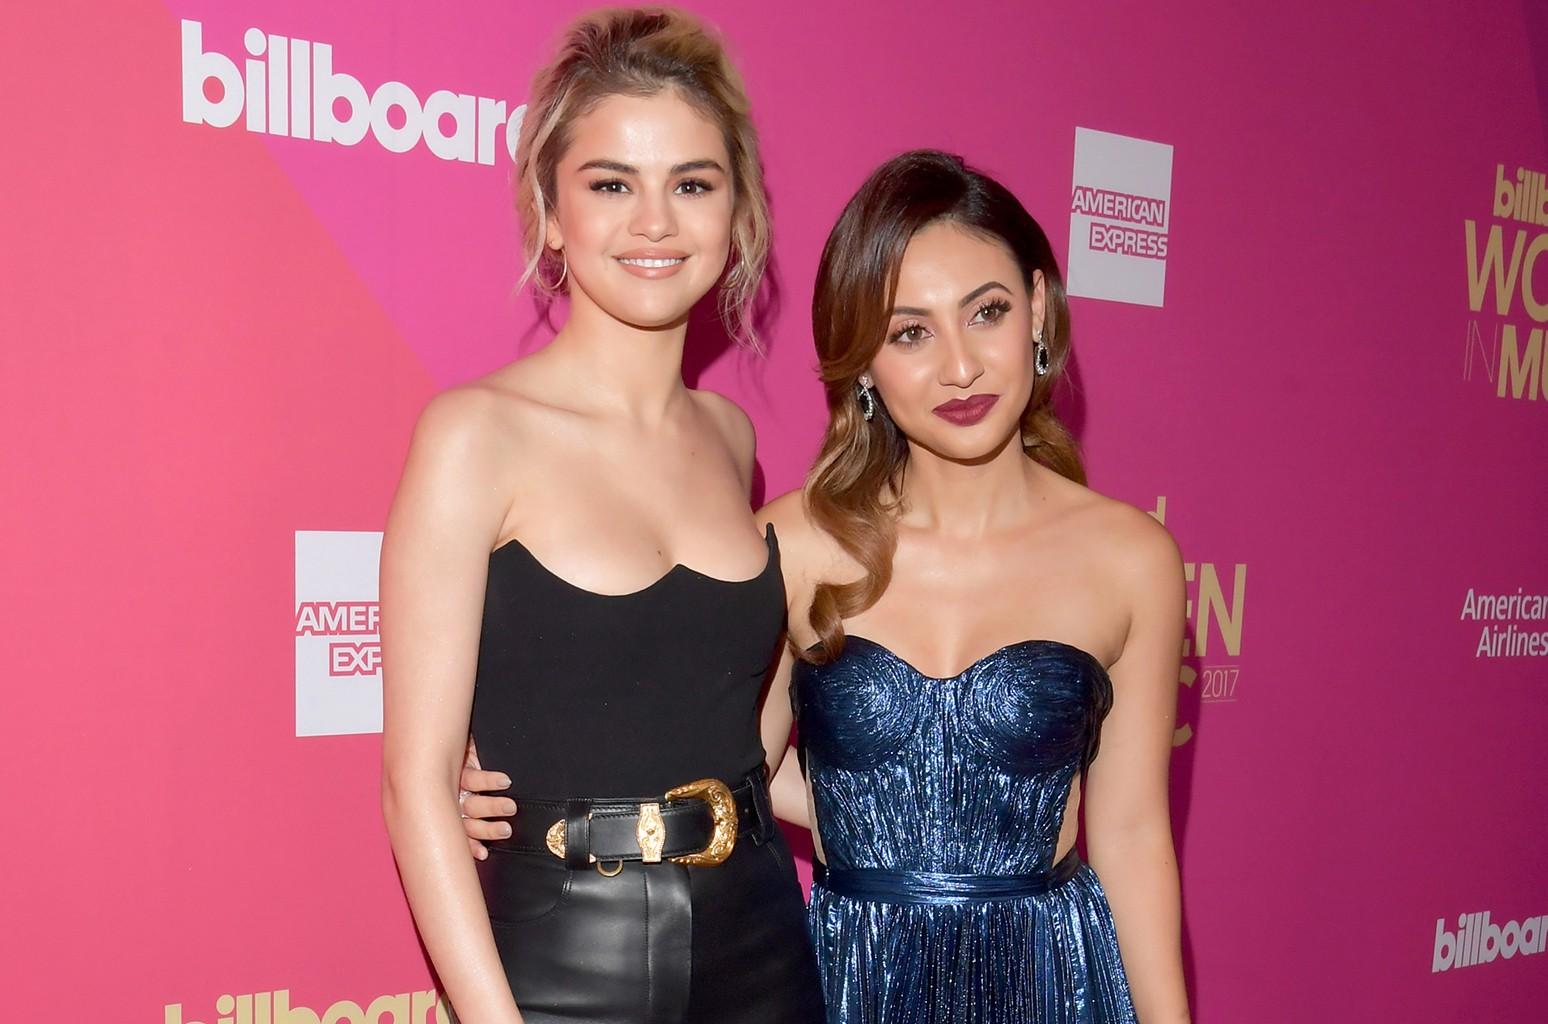 Trong gang tấc, Selena Gomez suýt mất mạng trong ca phẫu thuật ghép thận nguy hiểm - Ảnh 2.